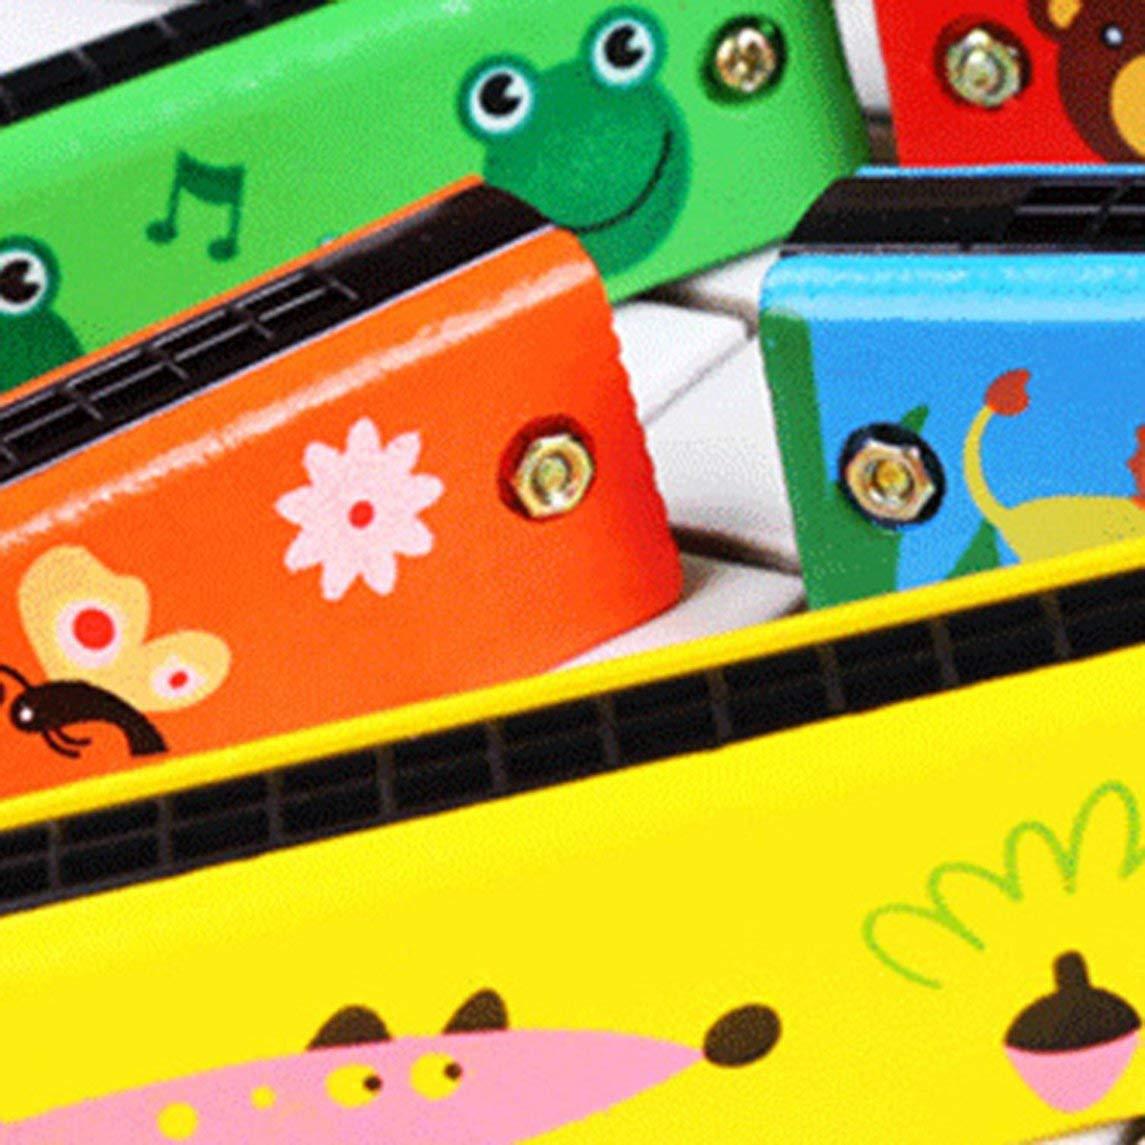 Footprintse Giocattolo per Bambini in Legno a 16 File in Legno a Doppia Fila